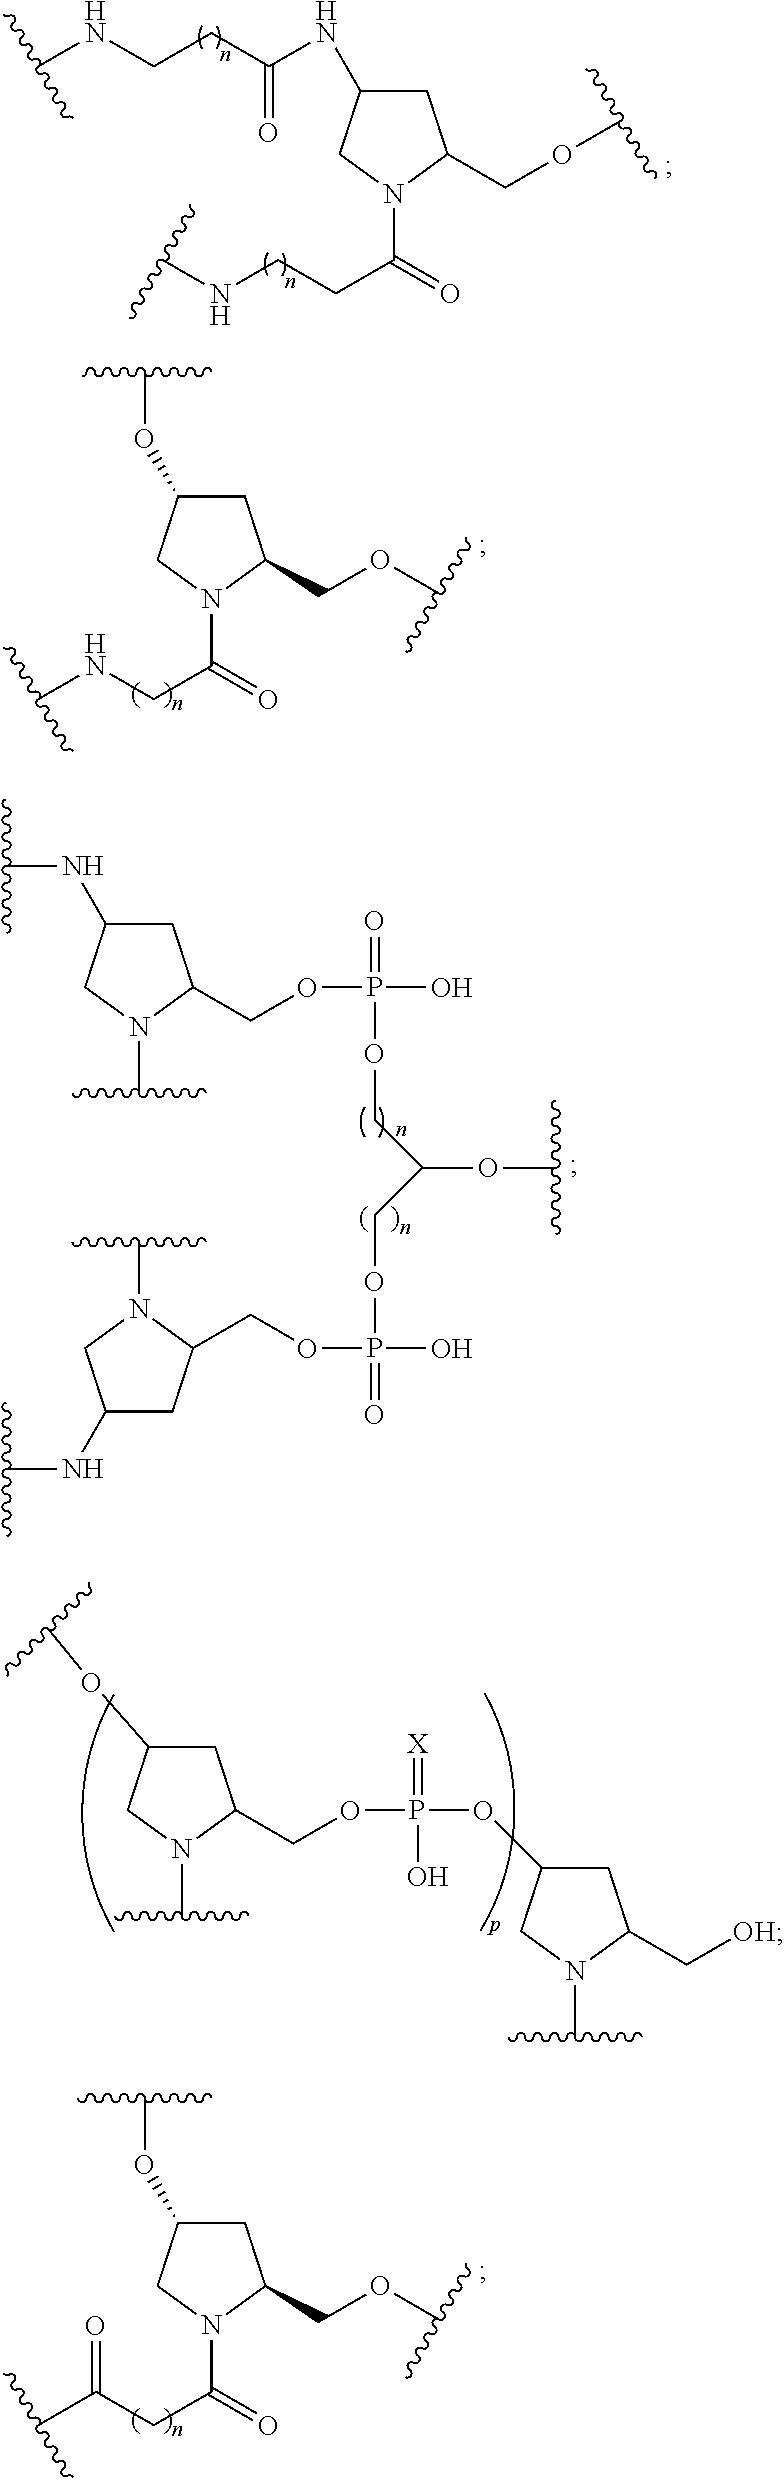 Figure US09943604-20180417-C00052